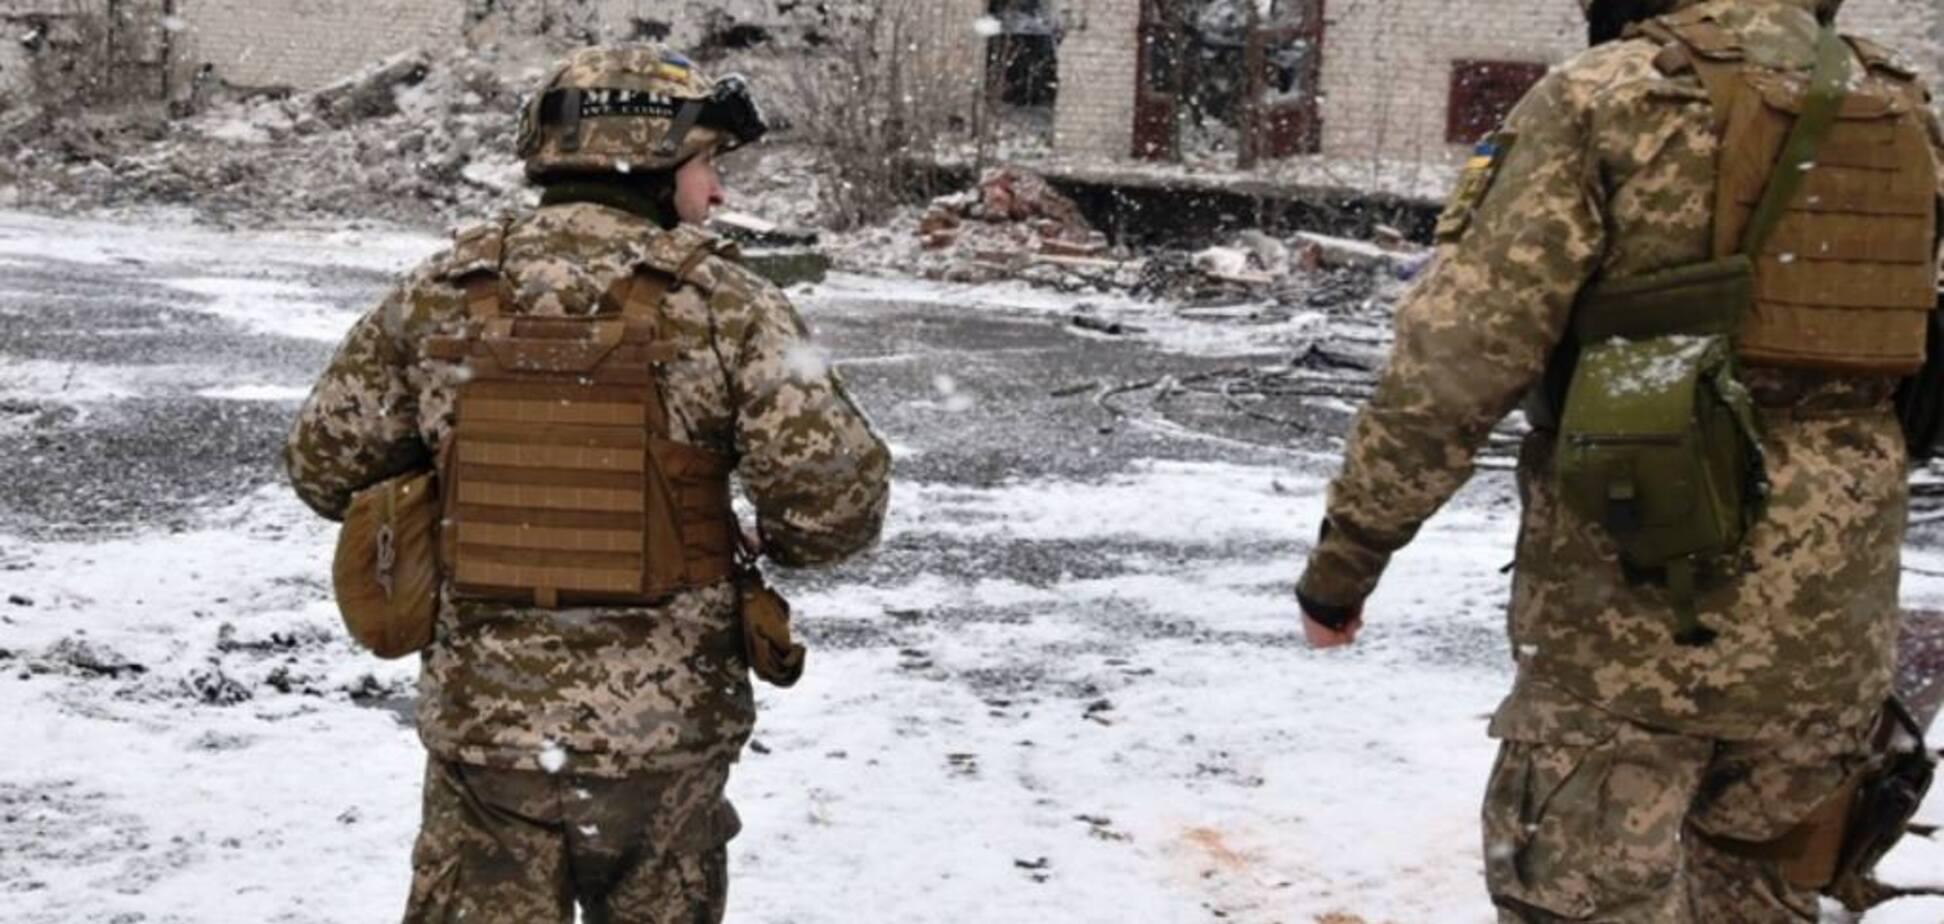 Продвинемся еще: волонтер спрогнозировал события на Донбассе